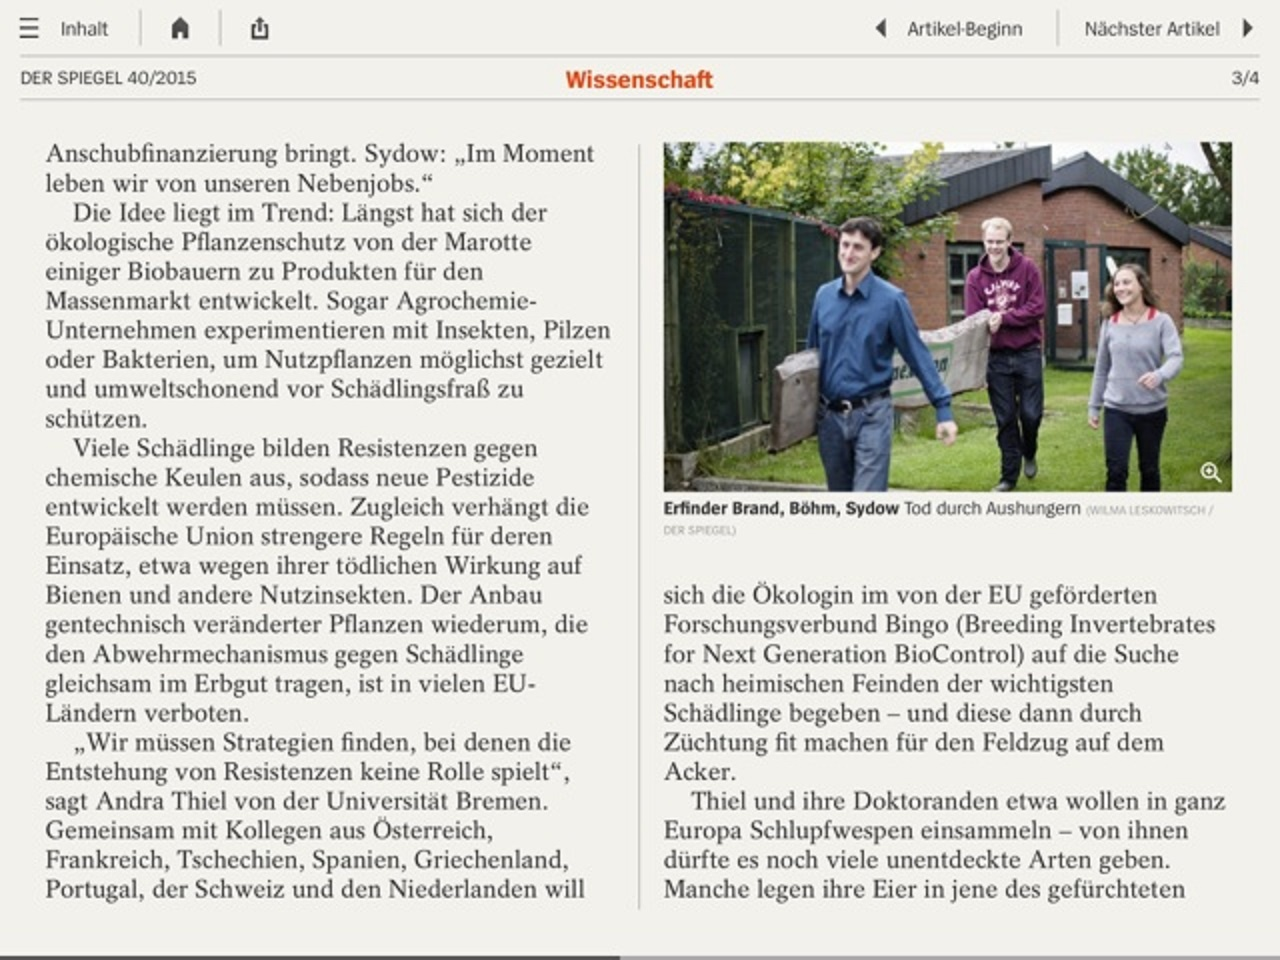 Spiegel_Teaser3.jpg